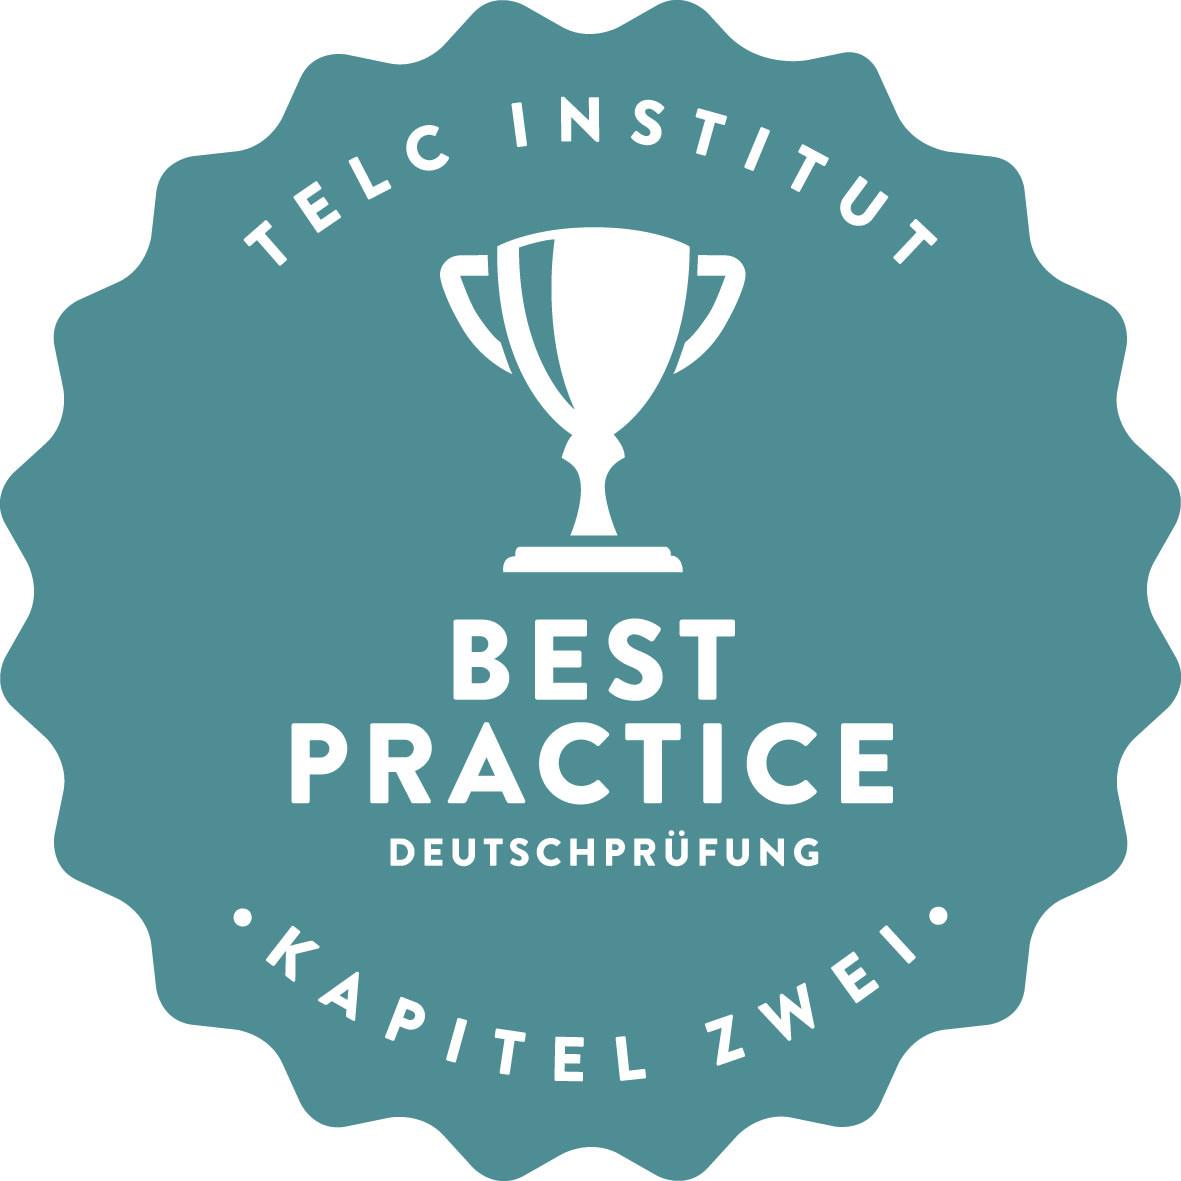 подготовка Telc Deutsch B1 экзамен в берлине языковая школа